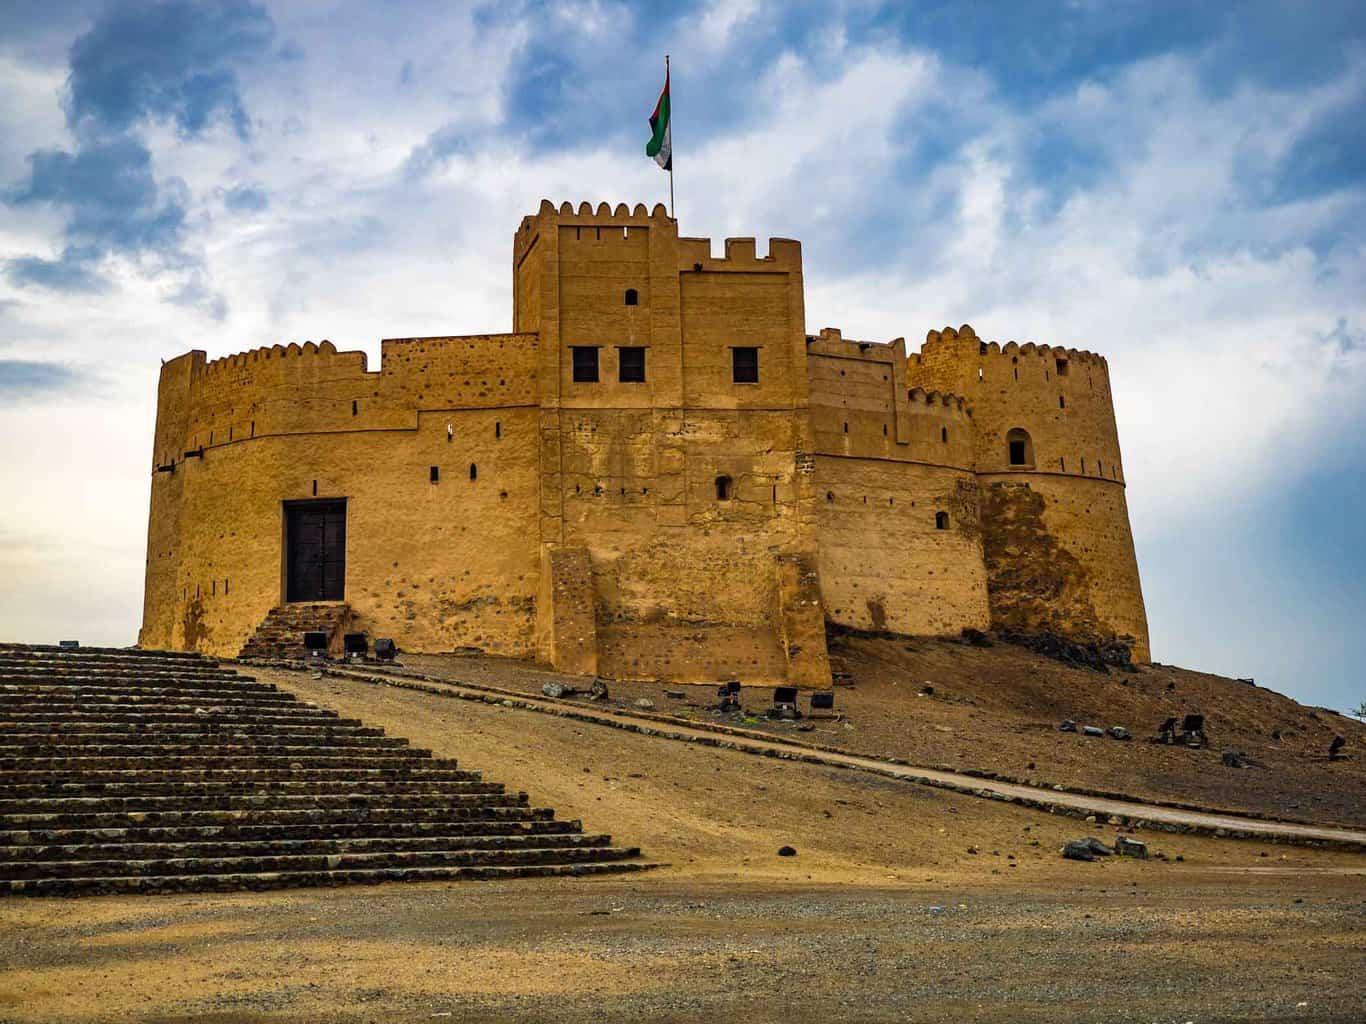 Fujairah Fort in UAE